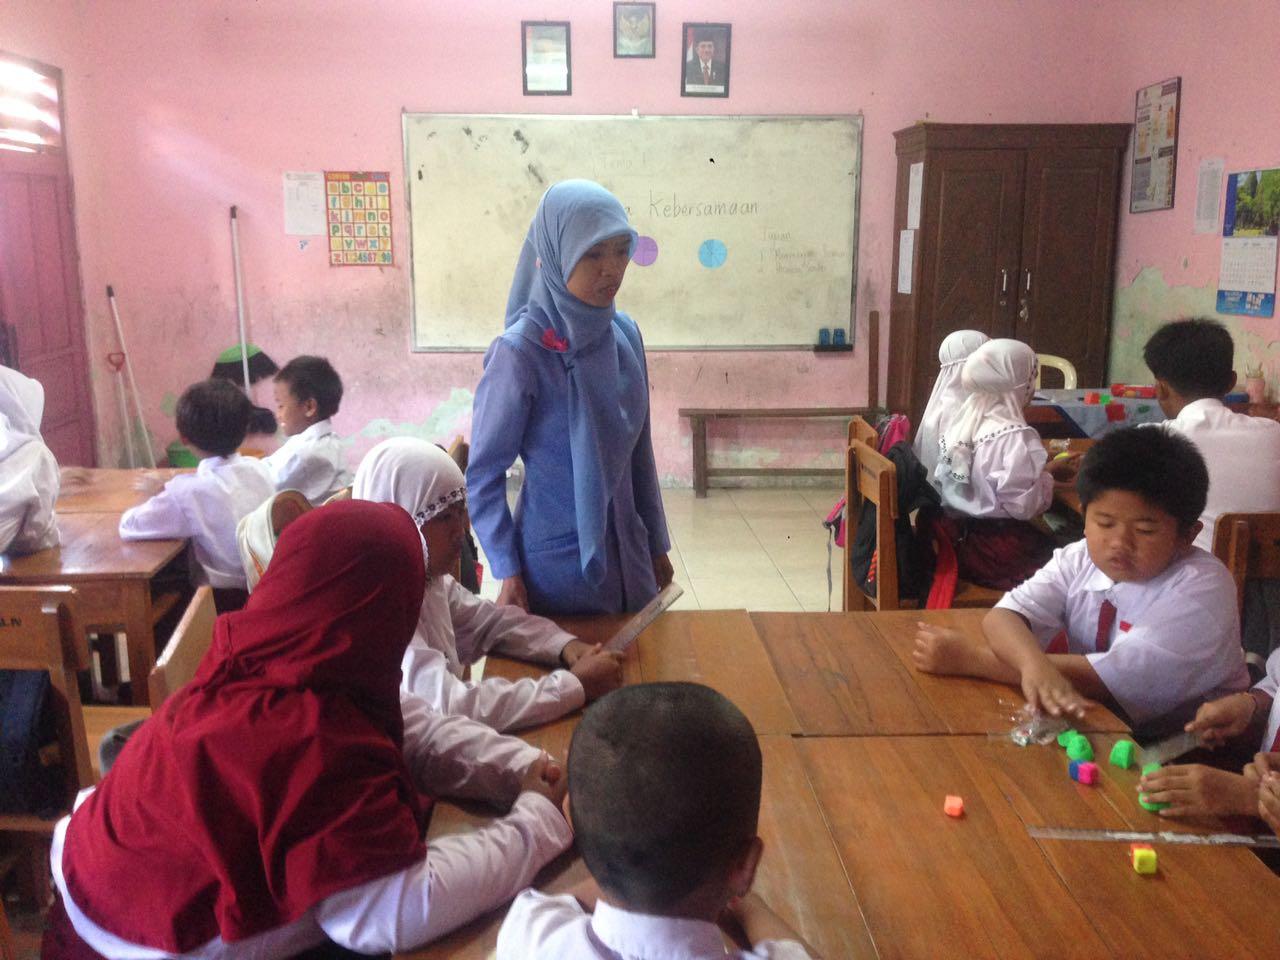 SD Tritunggal Surabaya Ingin Bagikan Ilmu Lebih Luas Lagi Melalui VIPI dan Tryout Online